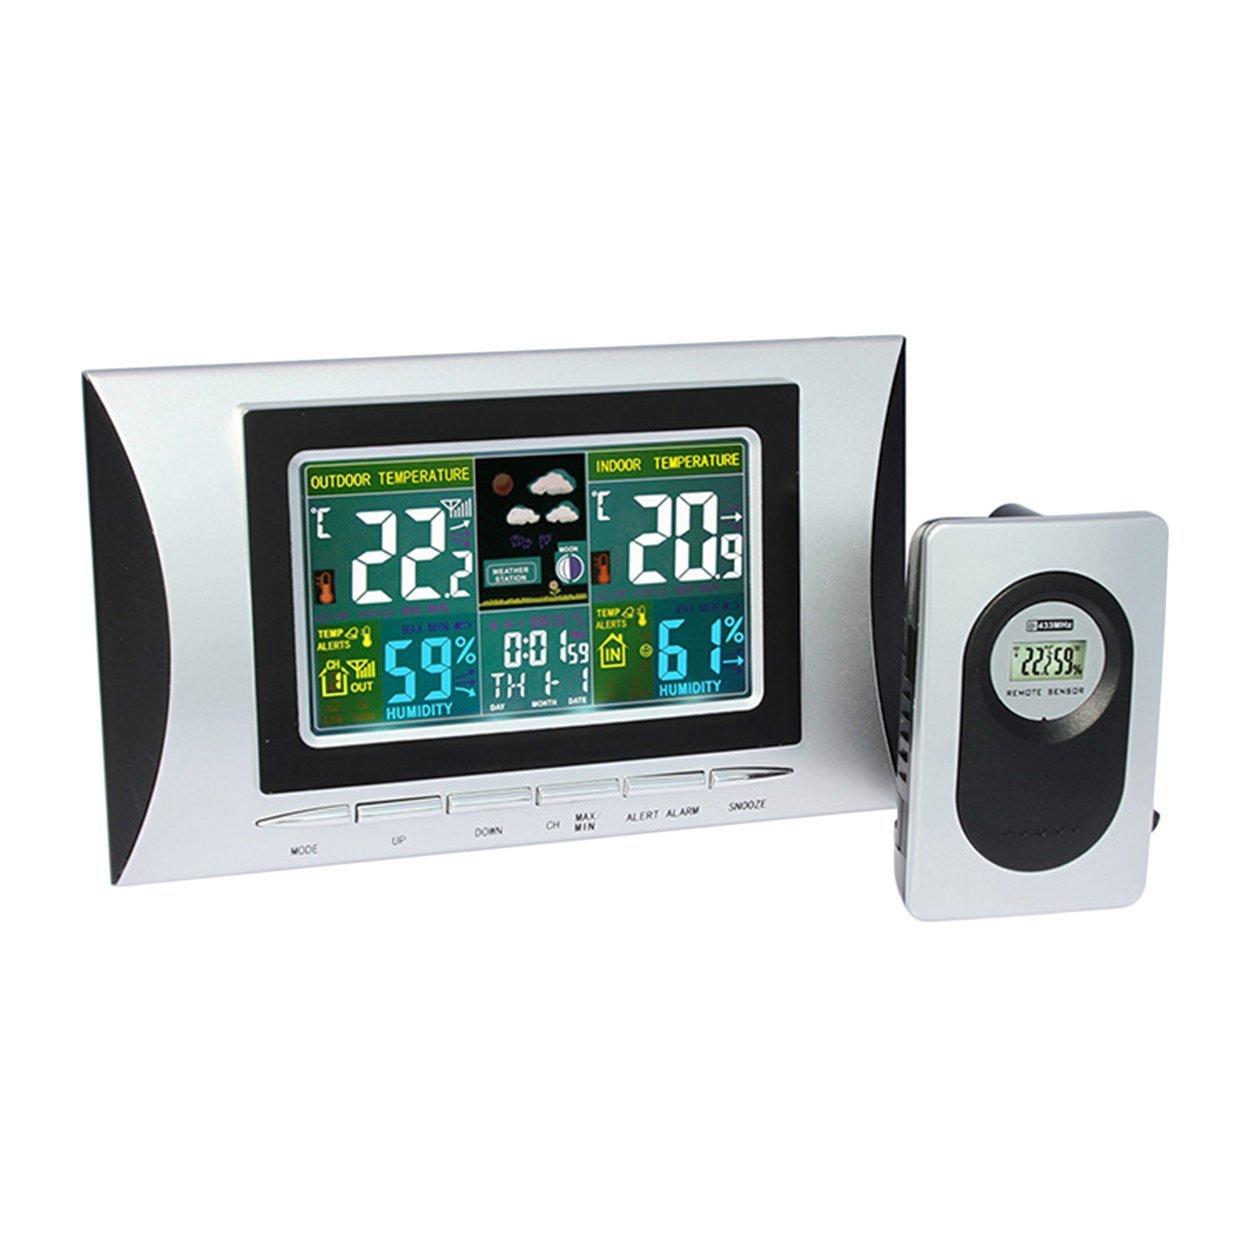 Dailyinshop H102G Wireless Bunte LCD Display Digital Wecker Wetterstation (Farbe: Silbrig und Schwarz)